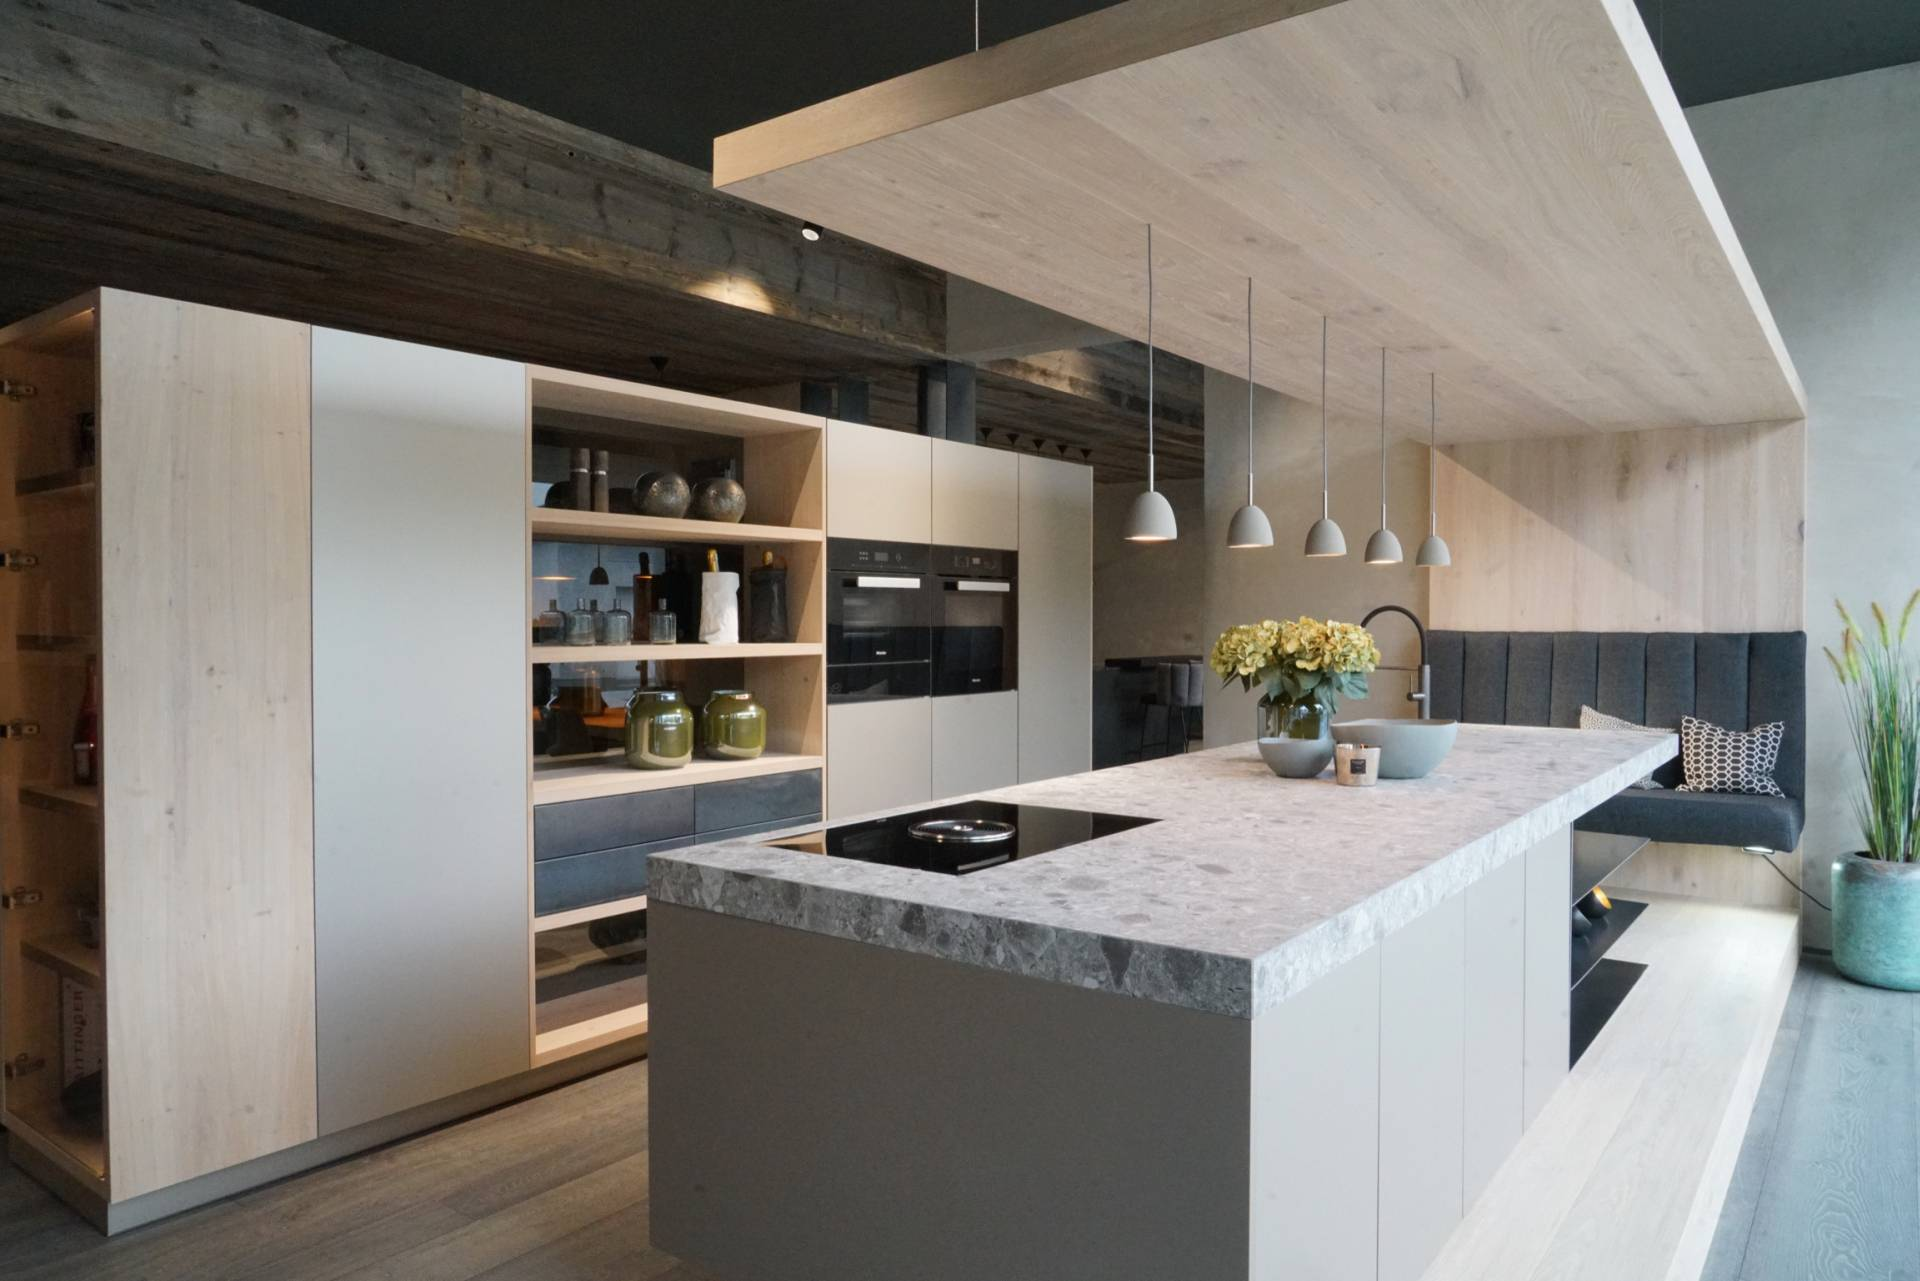 Sendlhofer Küche hellgrau mit hellem Holz